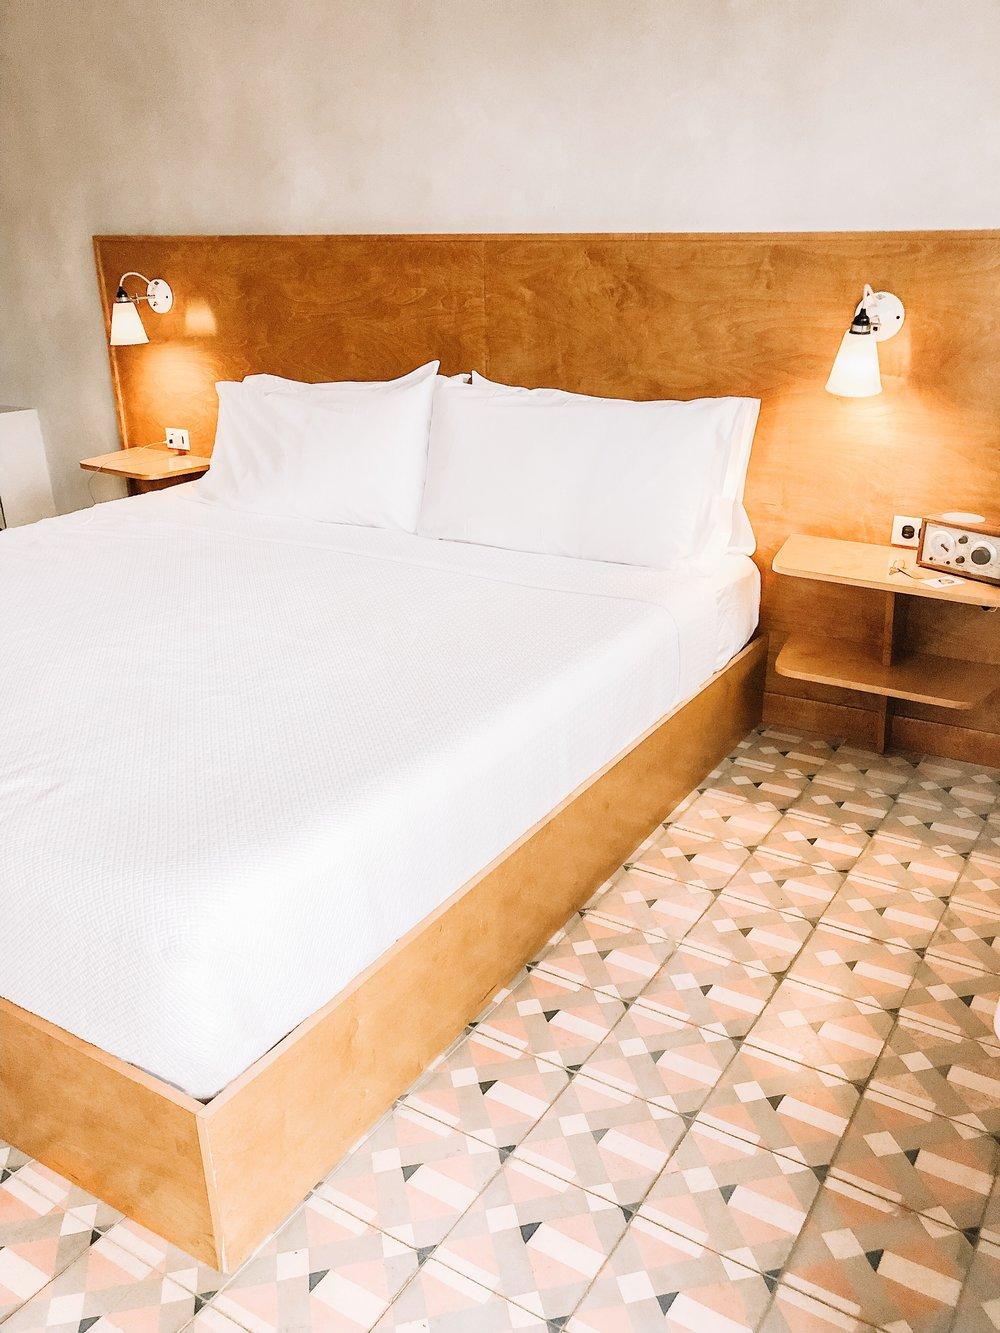 drifter hotel new orleans